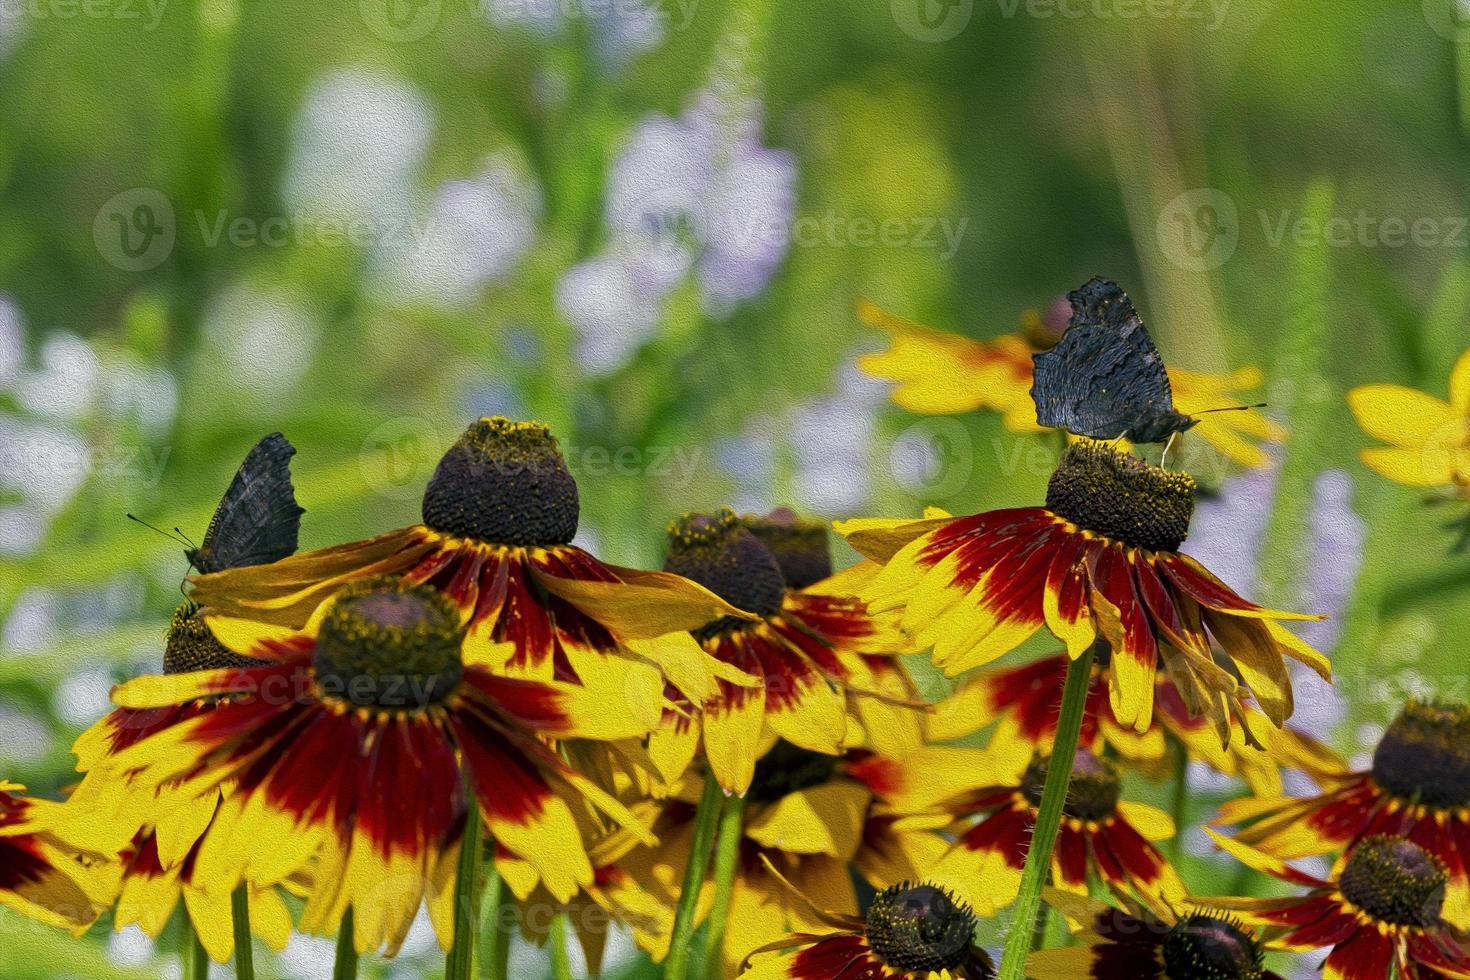 fiori di rudbeckia e farfalla che bevono nettare dalla peta arancio foto